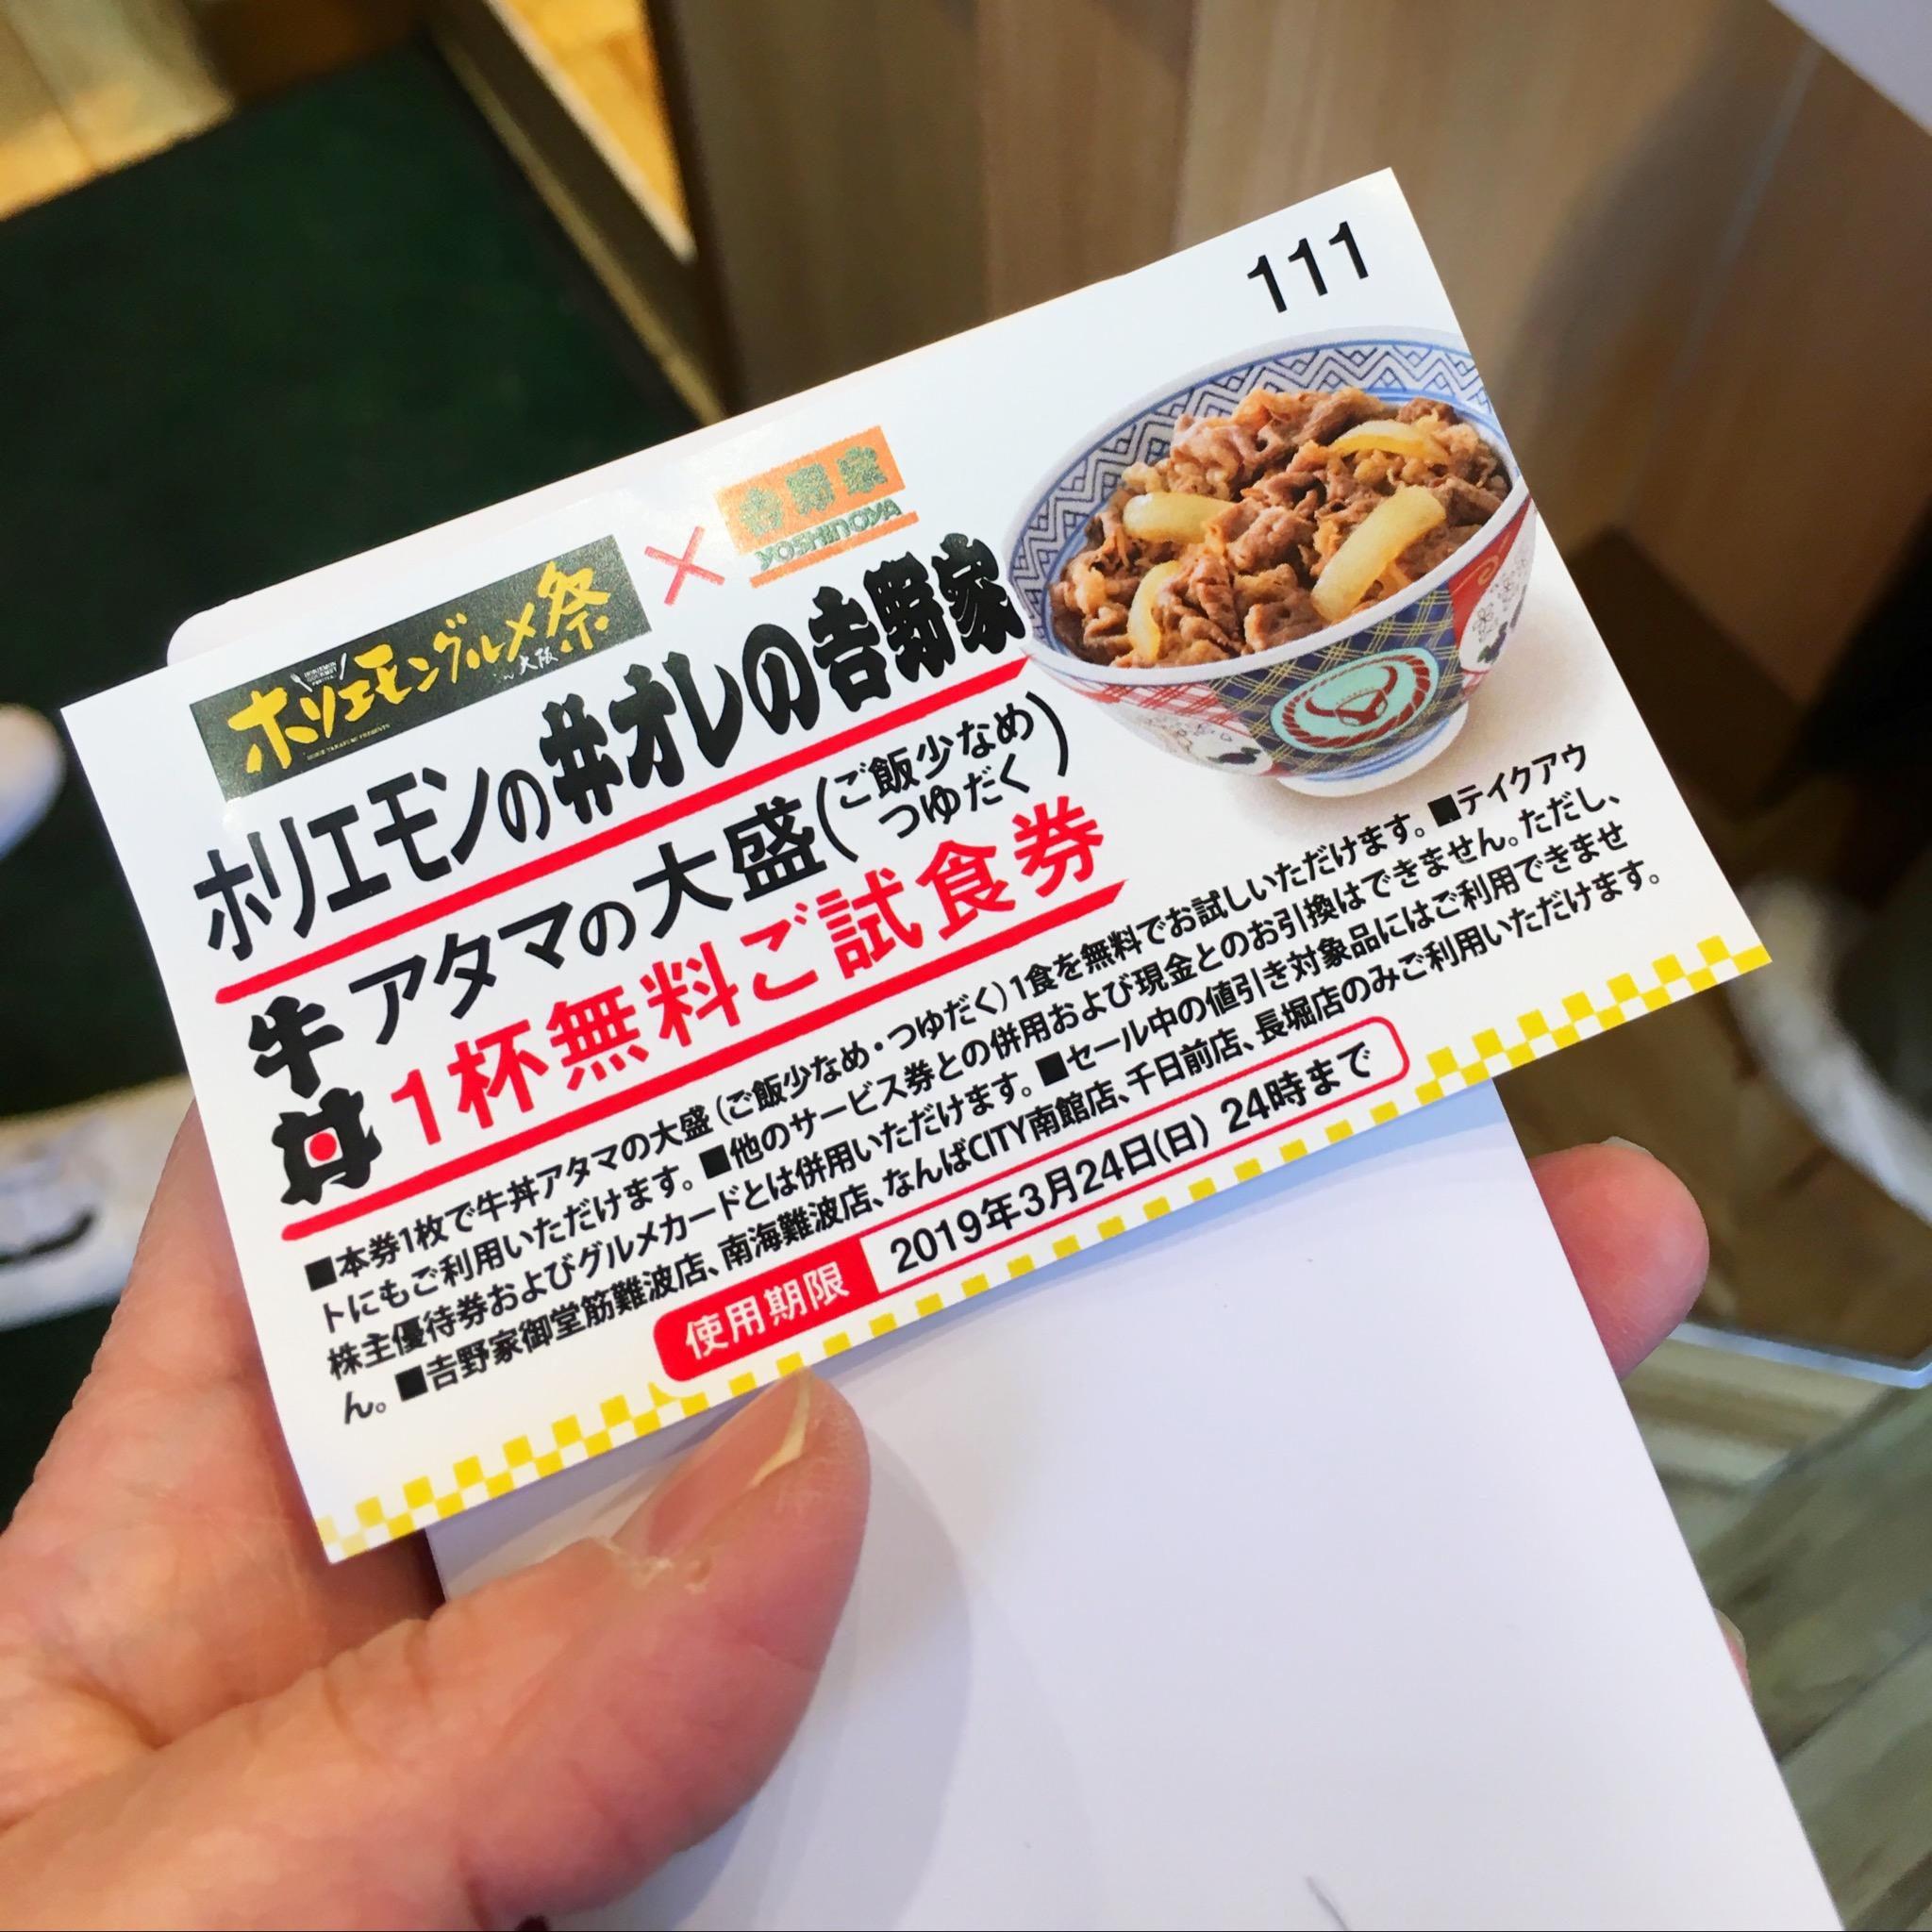 ホリエモン祭,大阪,グルメ,オレの吉野家